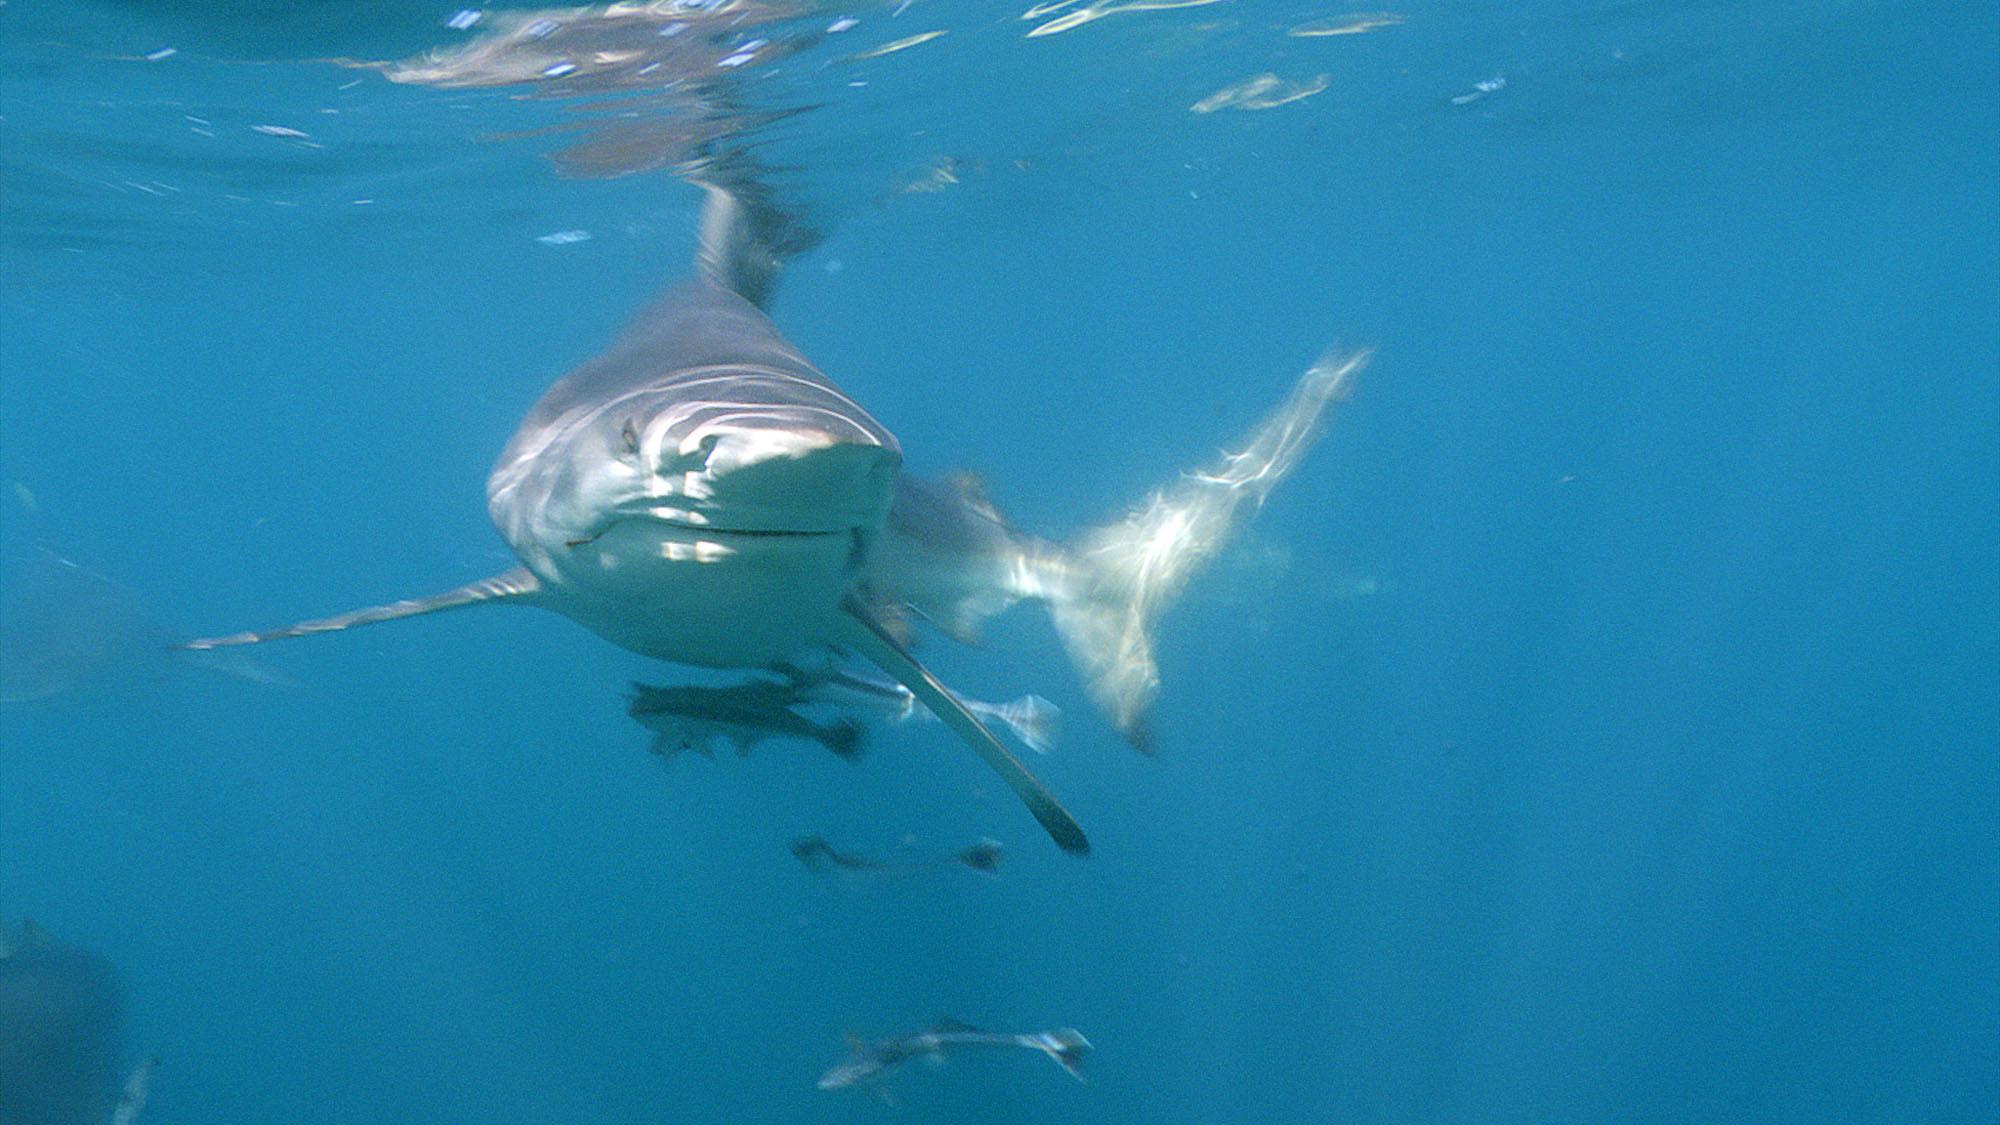 Shark in Wild Ocean